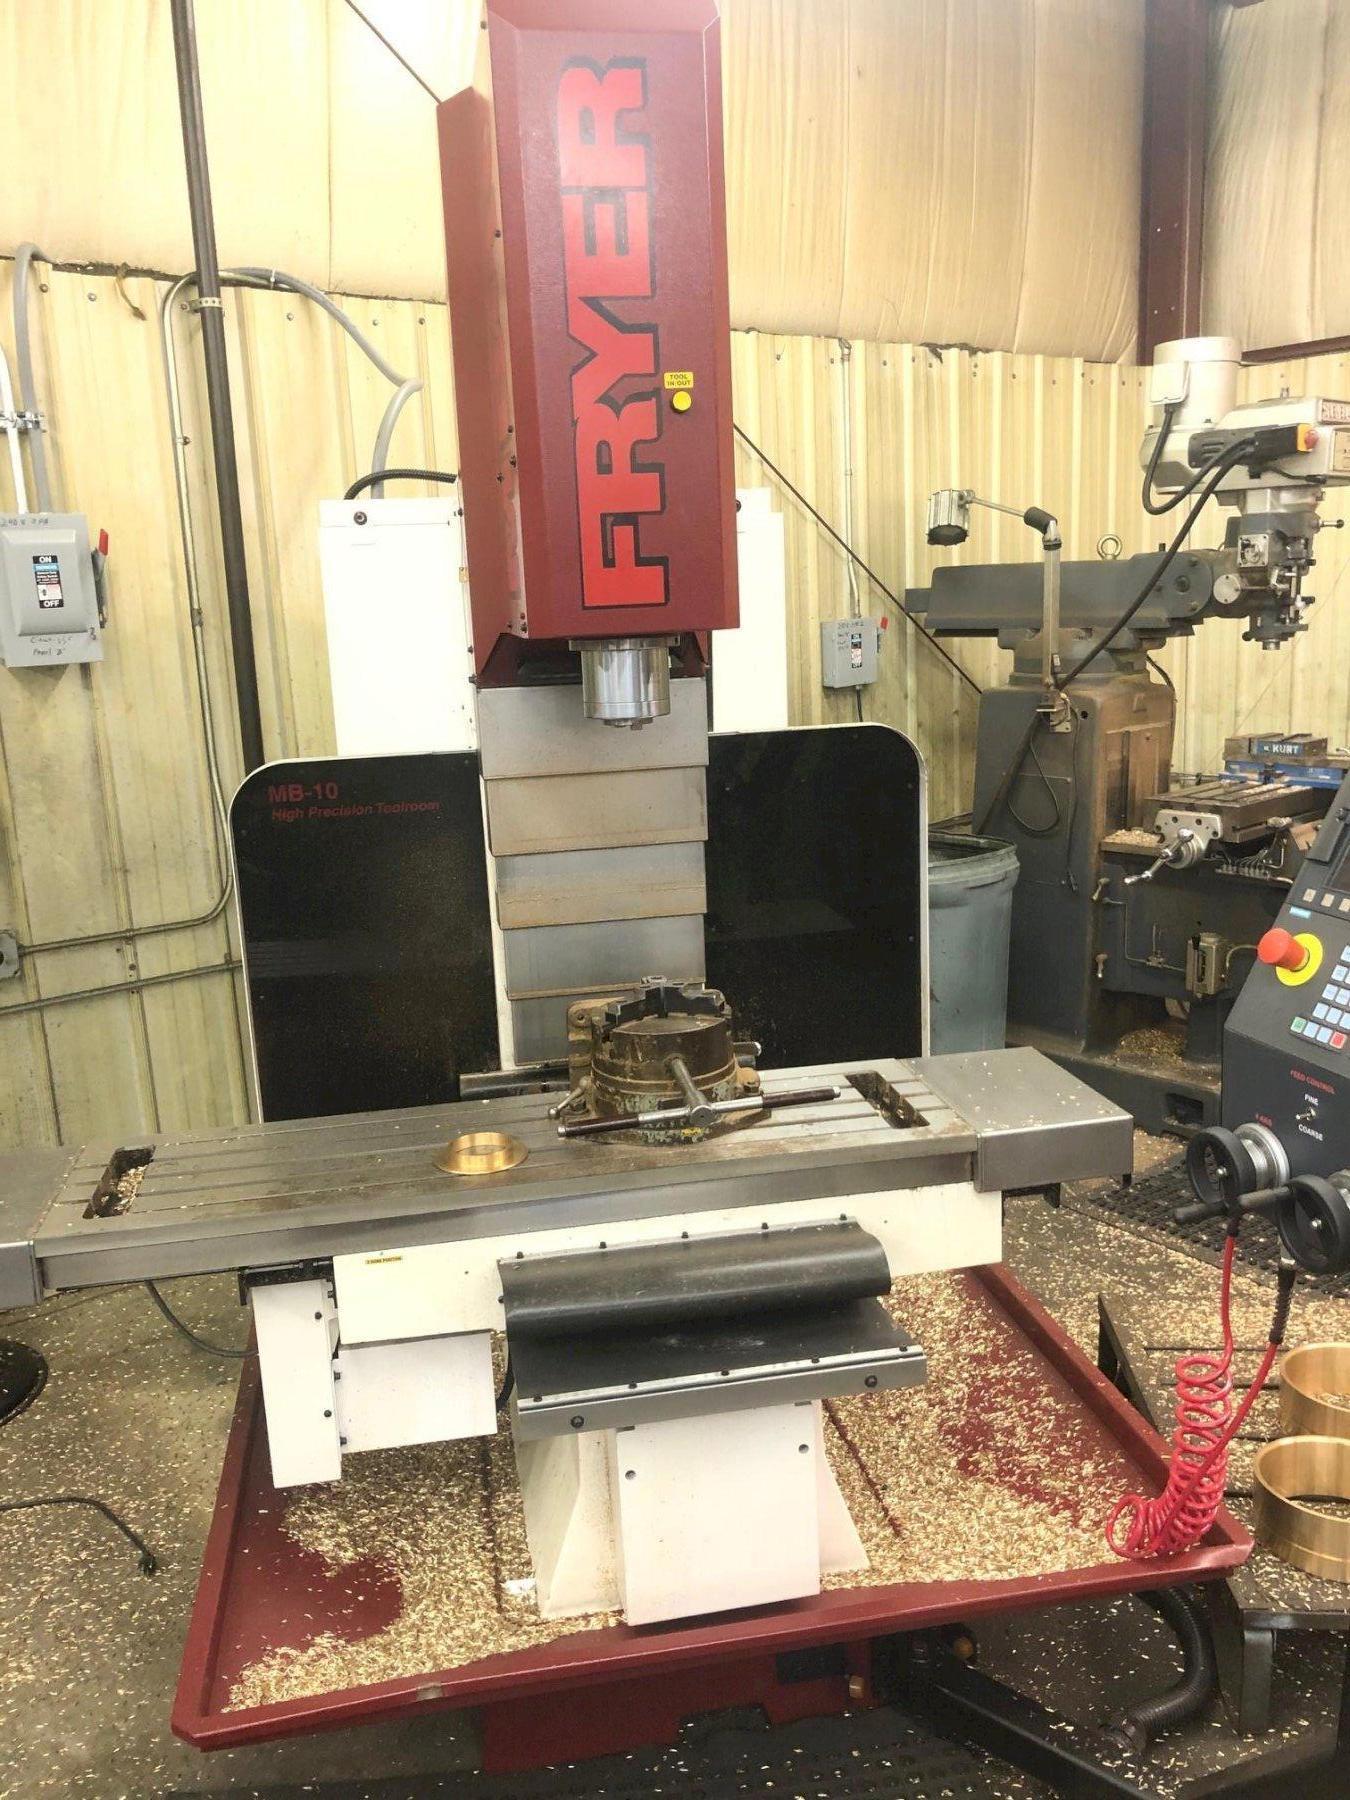 FRYER Model MB-10R 3-Axis Rigid Head CNC Vertical Bed Mill, New 2019.